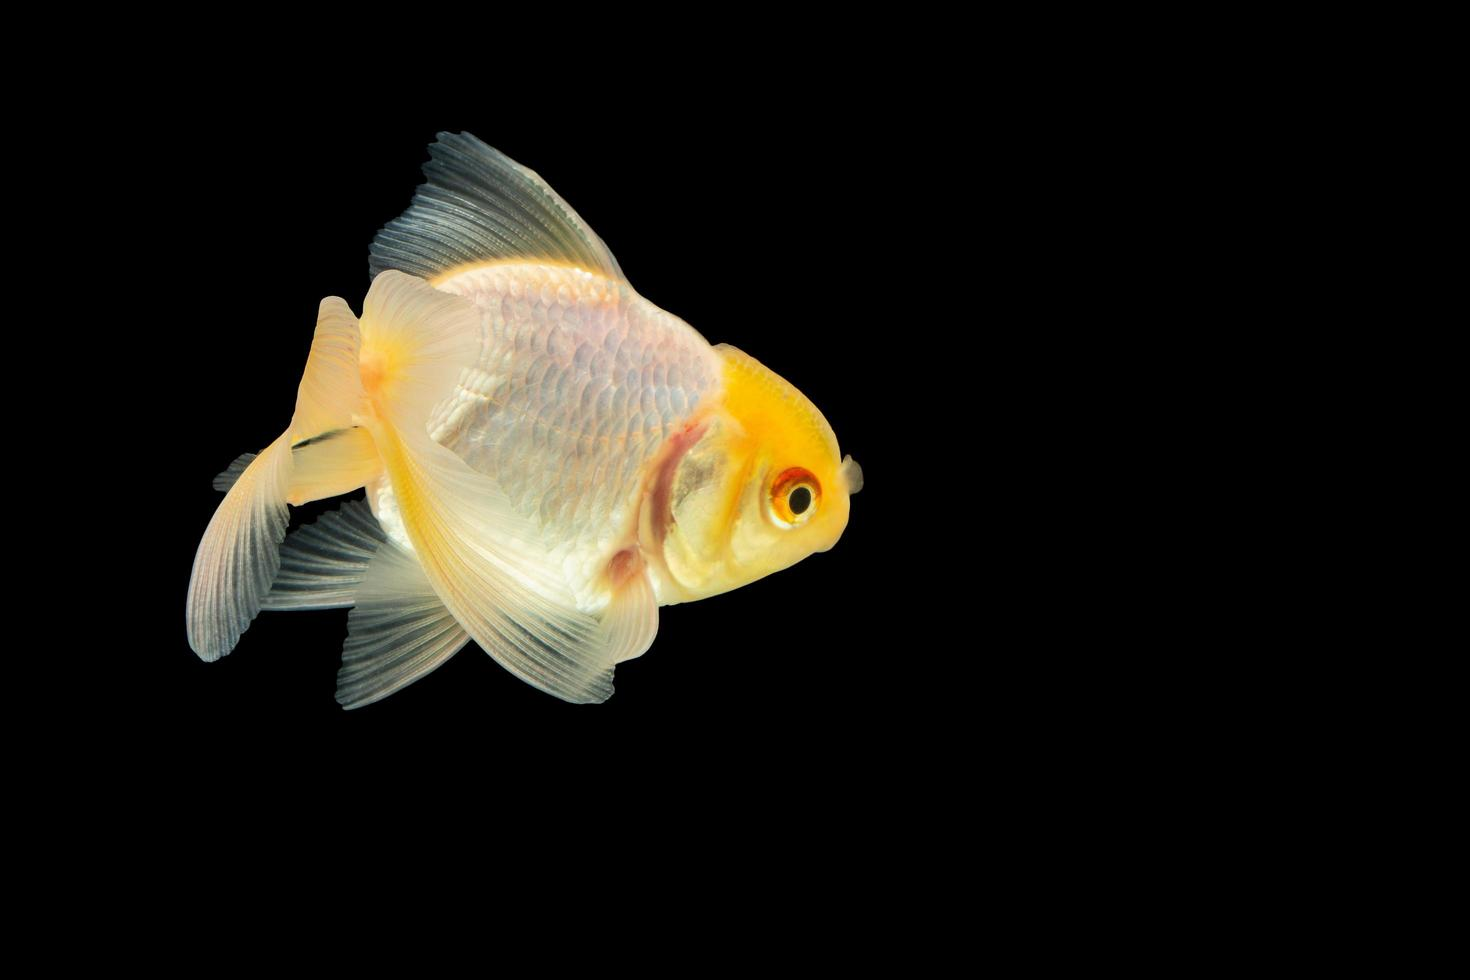 Goldfisch auf schwarzem Hintergrund foto